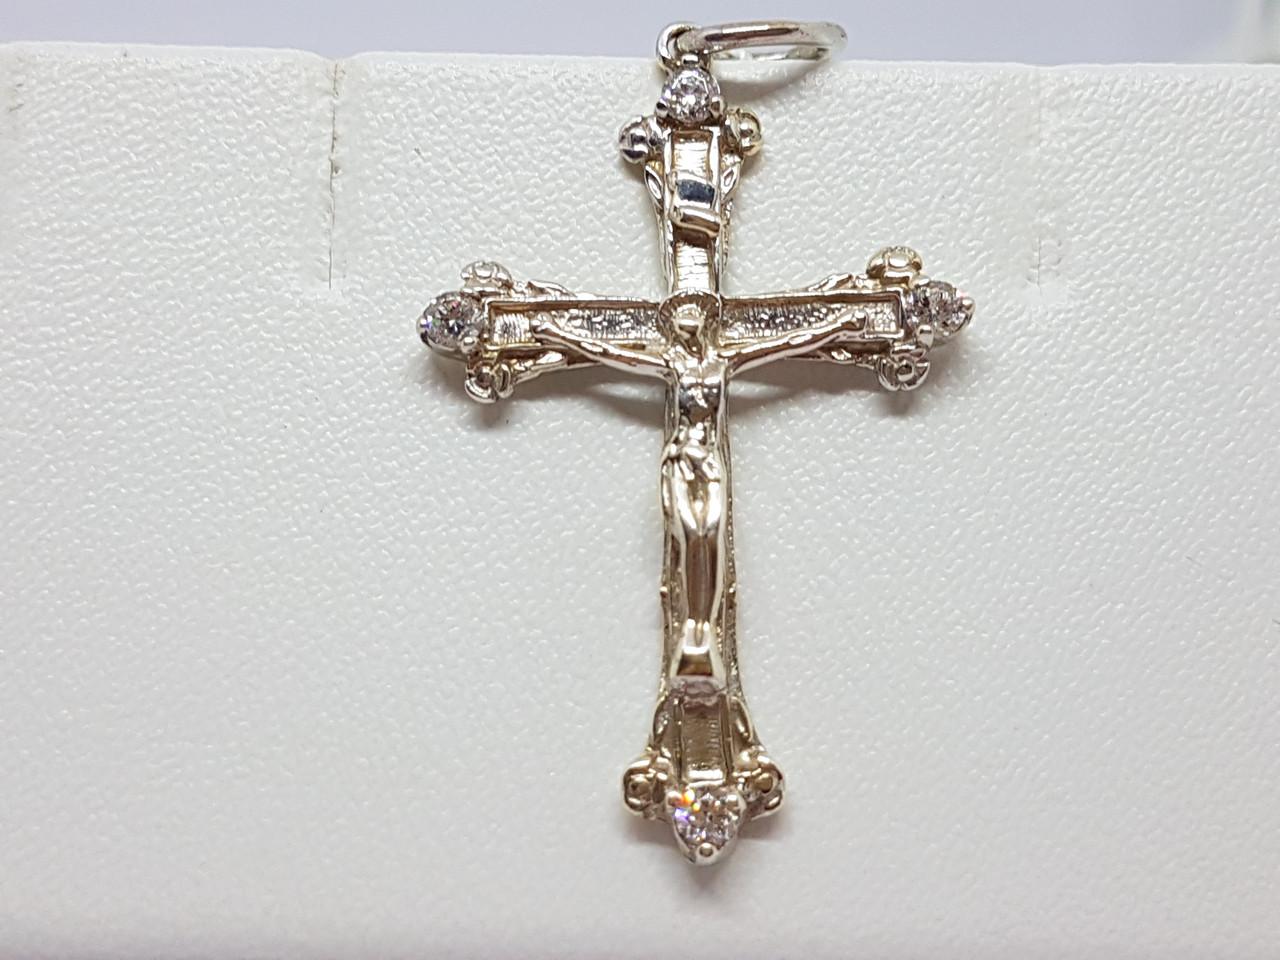 Серебряный крест Распятие Христа. Артикул 3010р